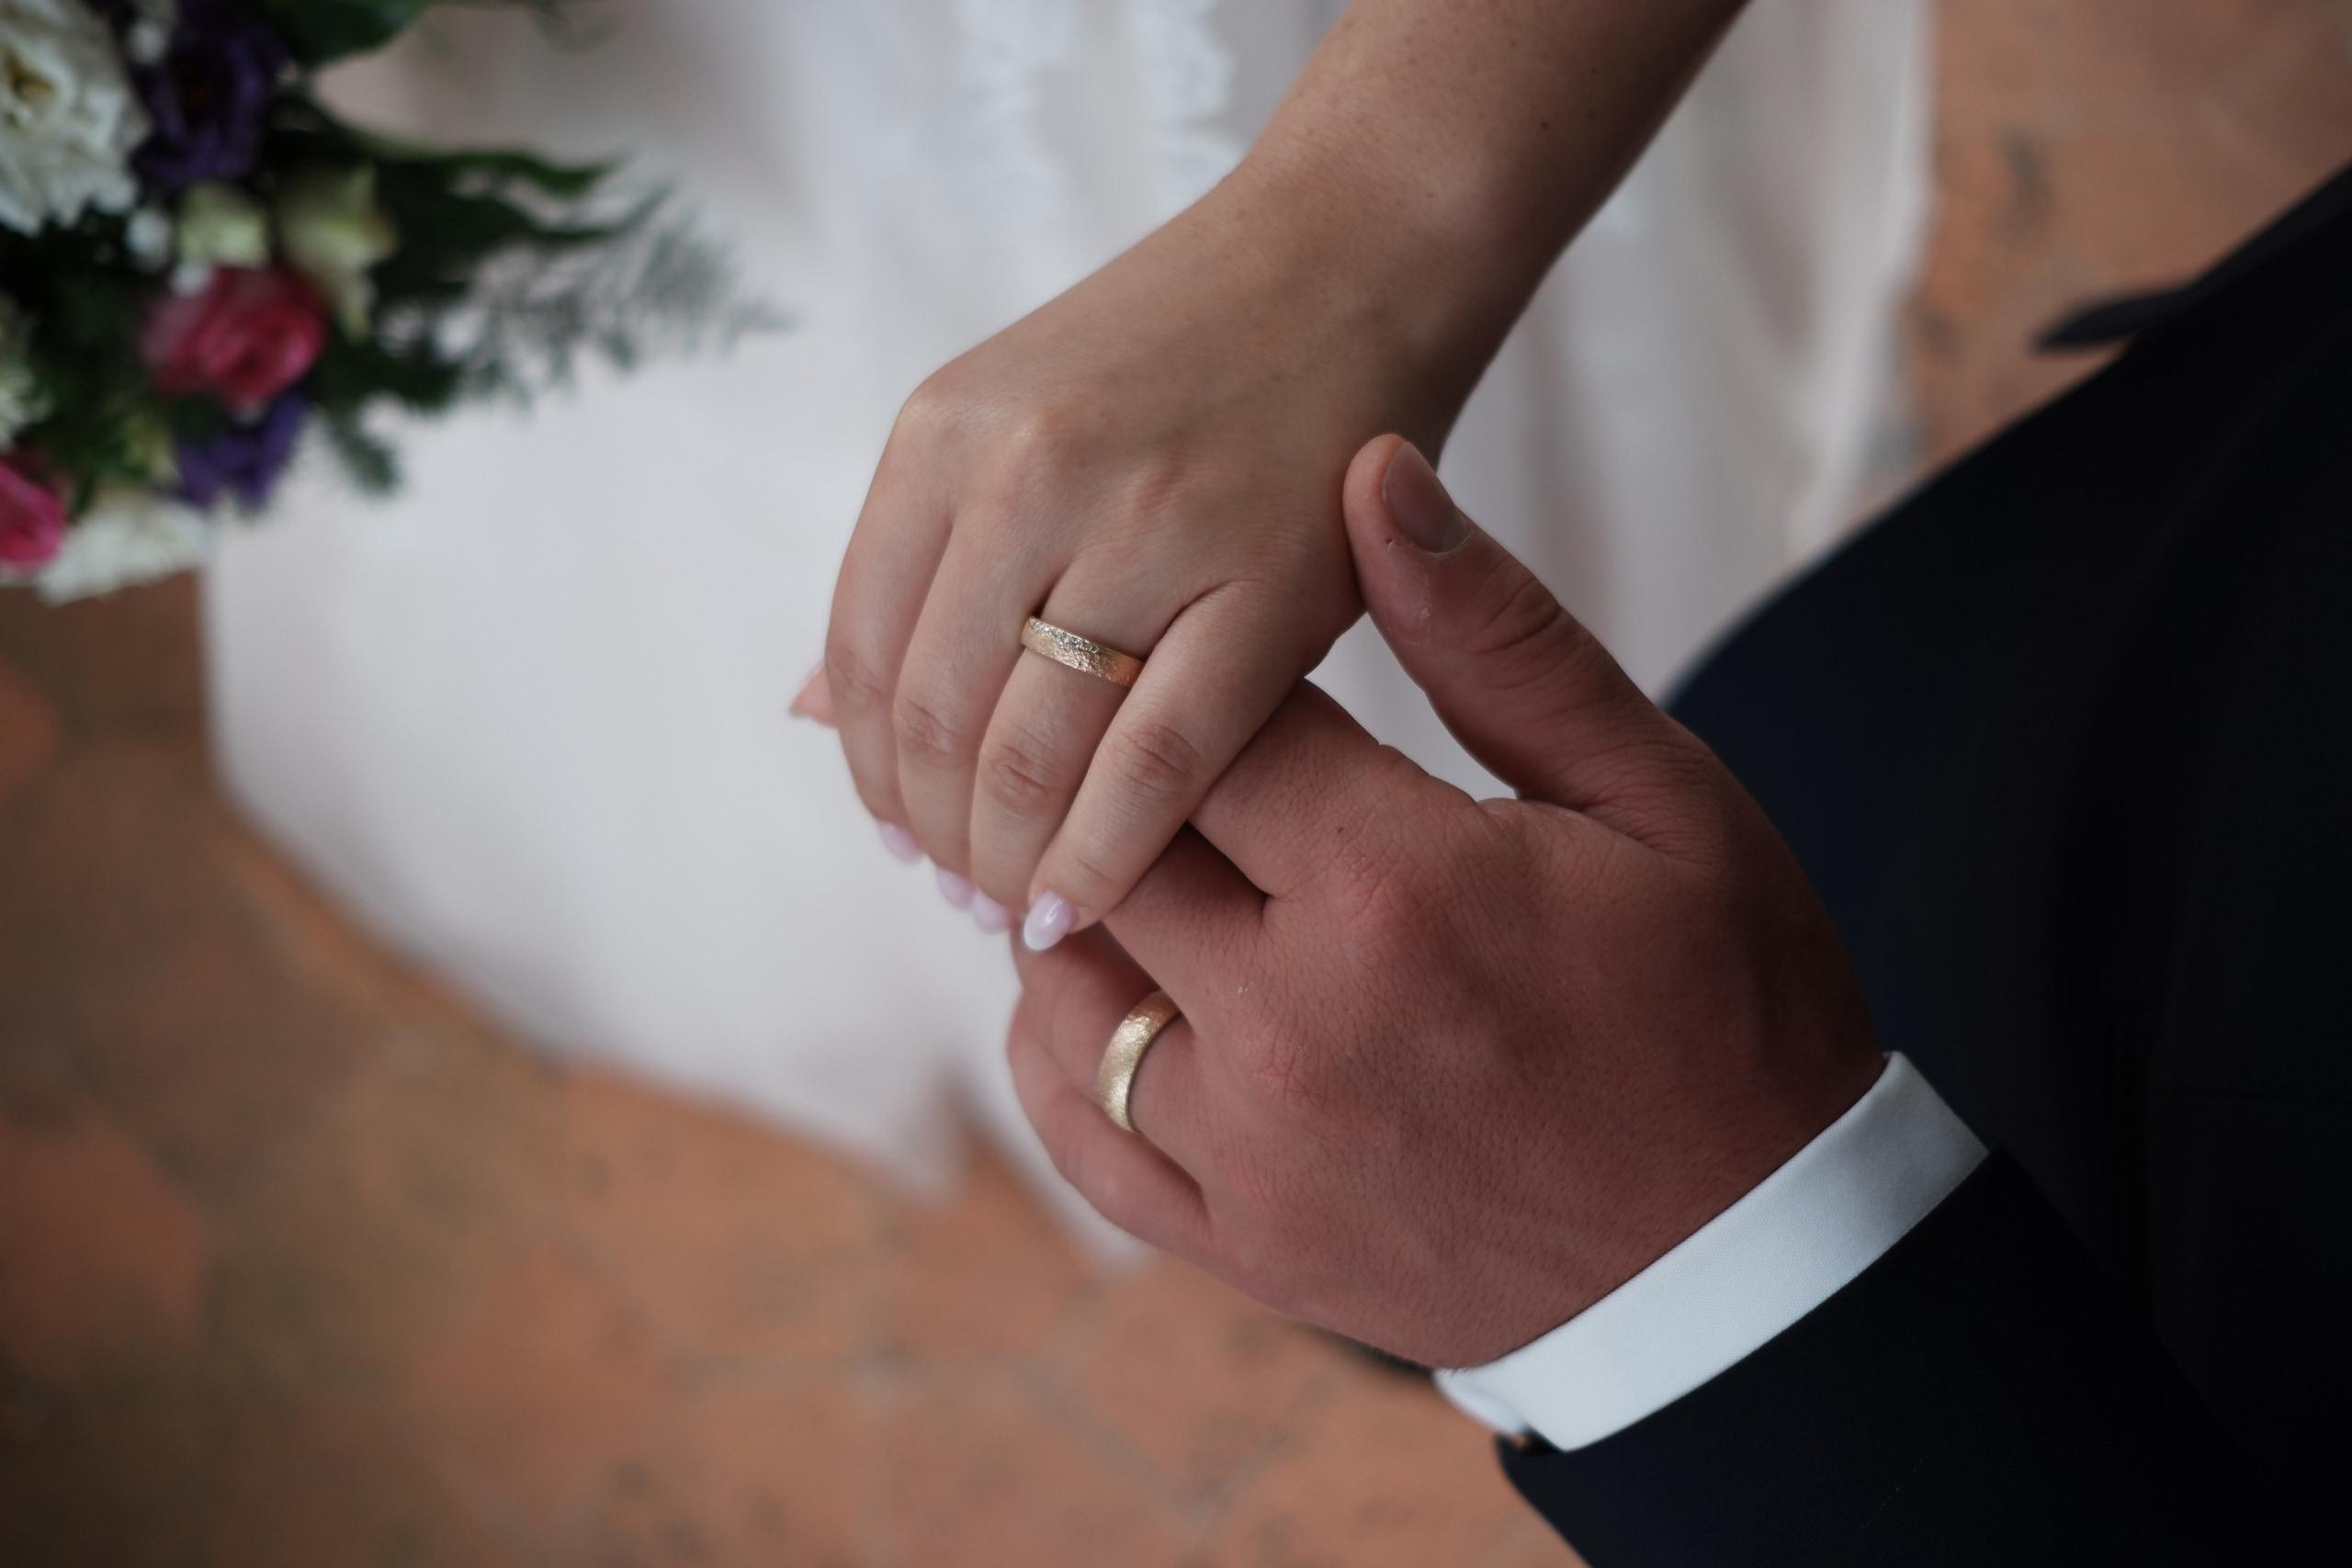 時代の変化?!「式場」と「結婚指輪」先に選ぶのは?のイメージ